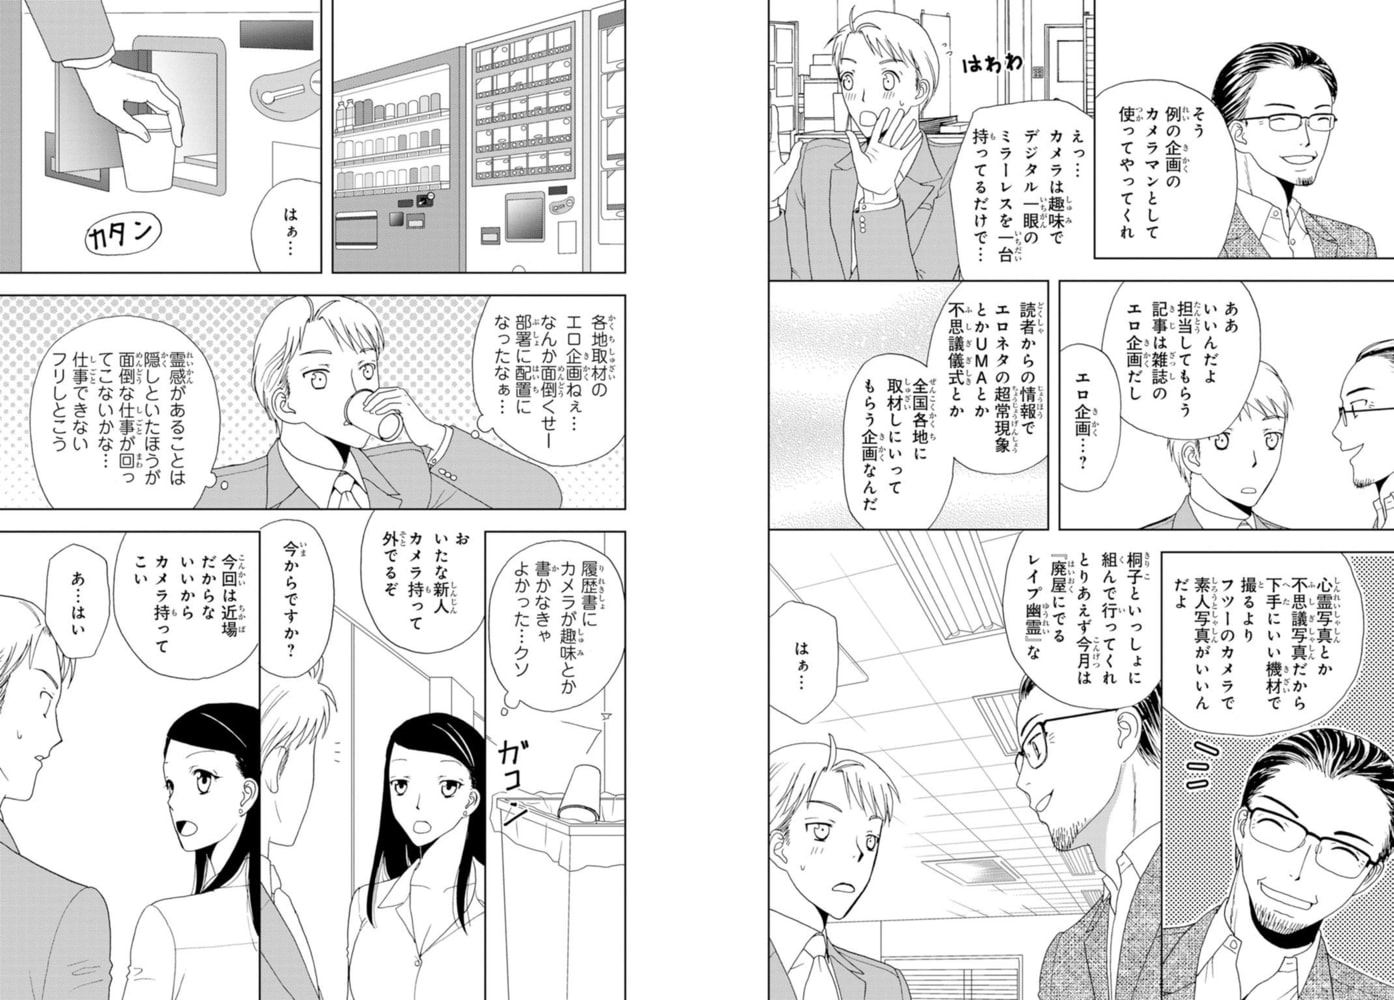 びしょ濡れ色情霊~絶倫上司とヤリまくり【増量版】